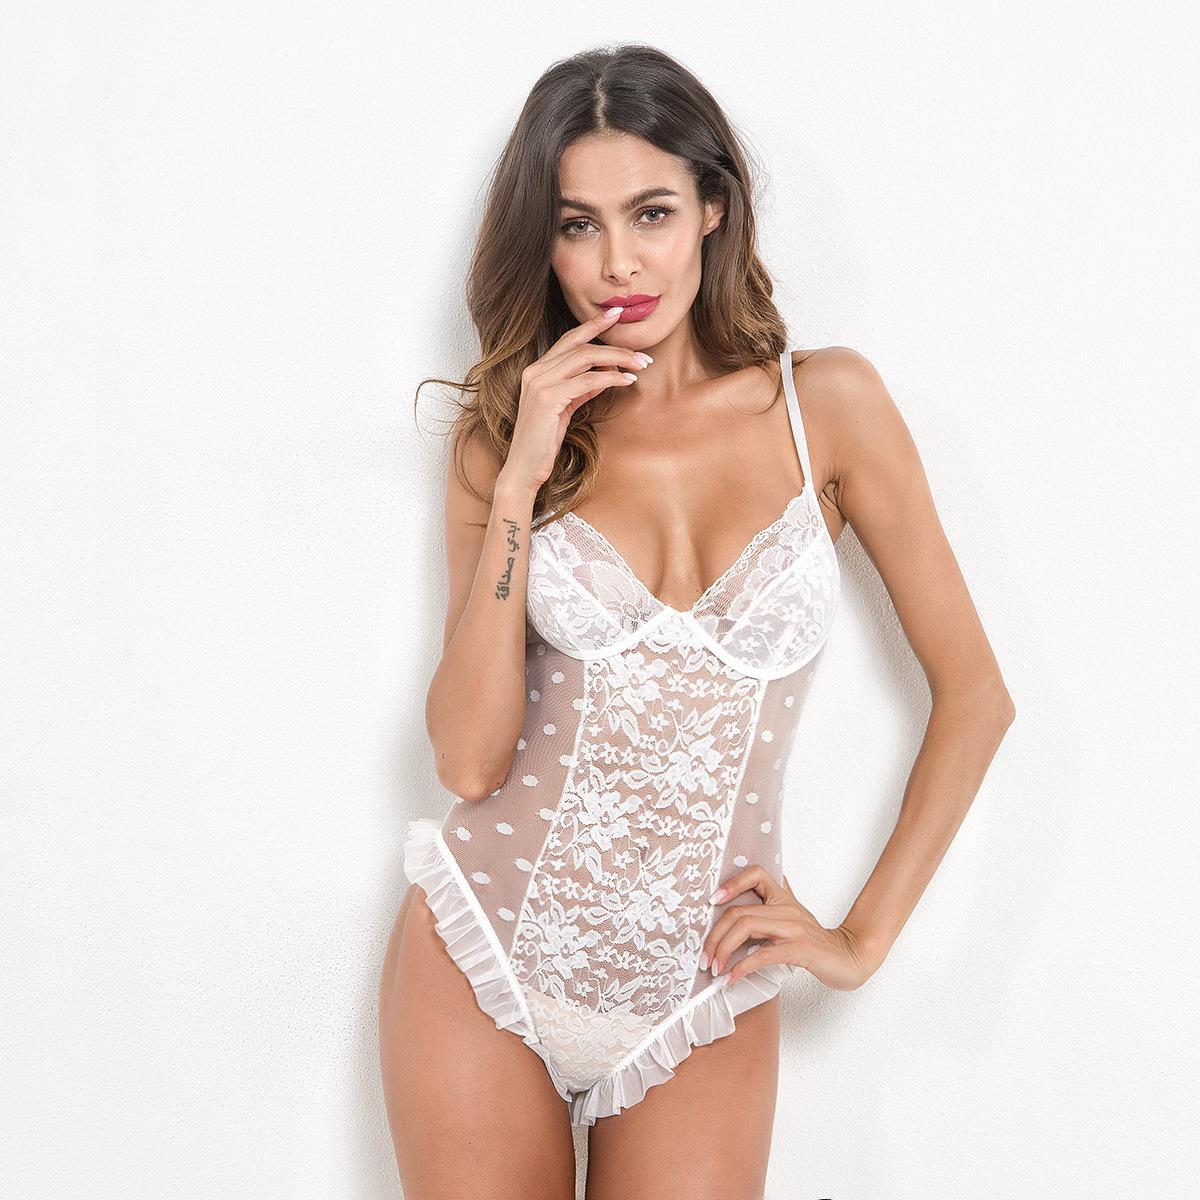 Pijama De Flanela Erotic Lingerie Mulheres Sexy Lace Bodysuit Perspectiva  Playsuit Macacão Sexy Teddy Lingerie Tentação Sexy Underwear Alta Qualidade  ... ad8aff1b79e